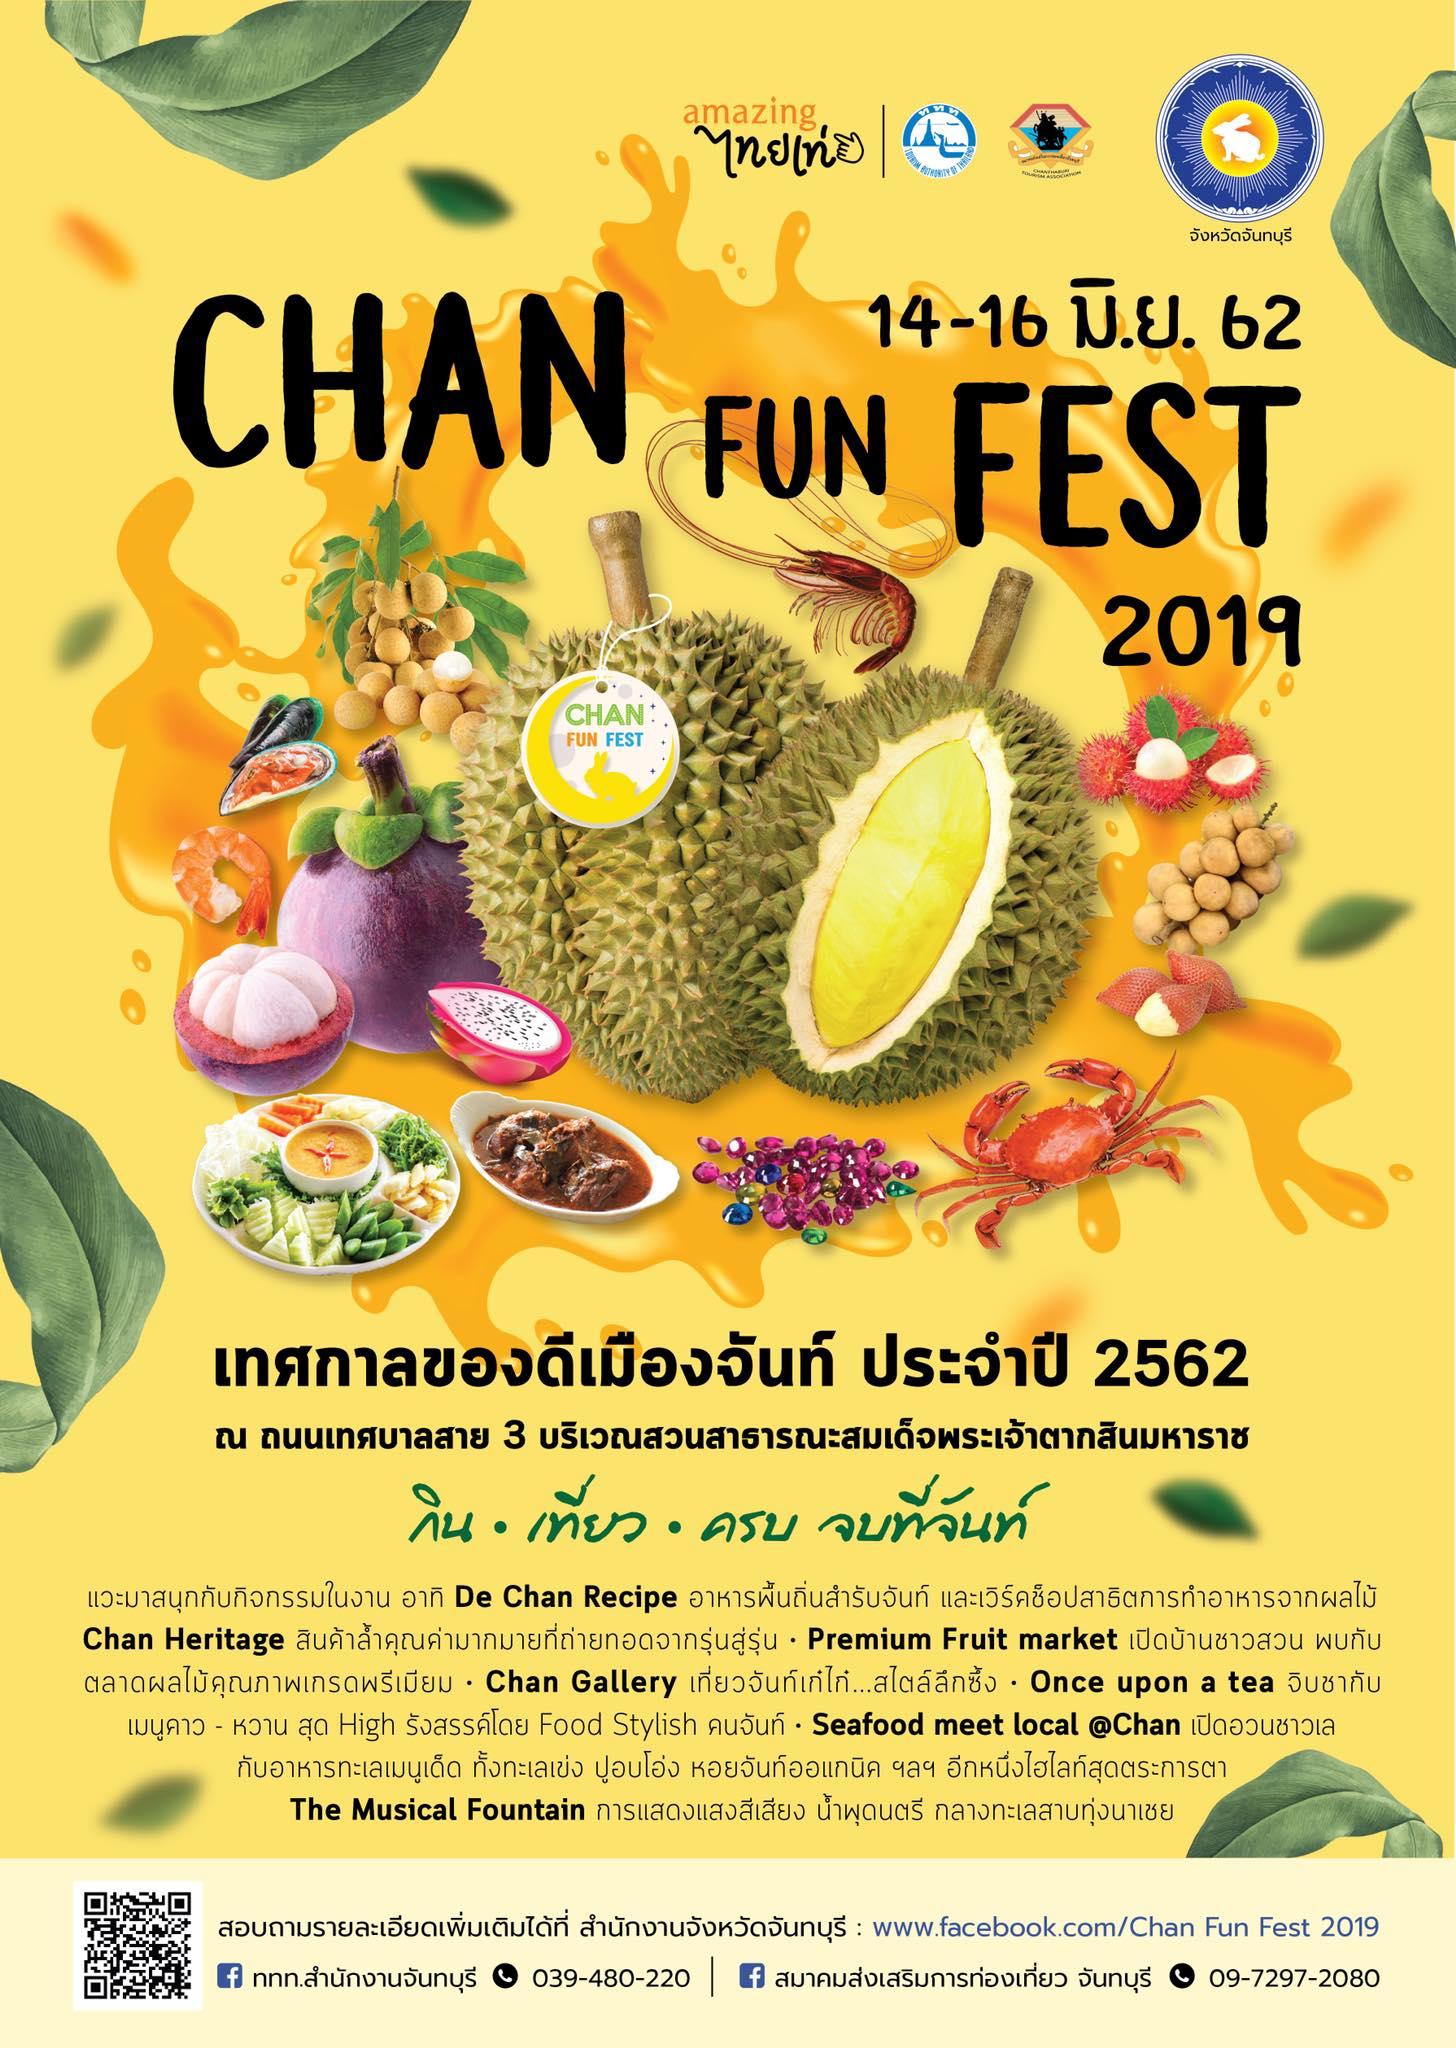 เทศกาลของดีเมืองจันท์ Chan Fun Fest 2019